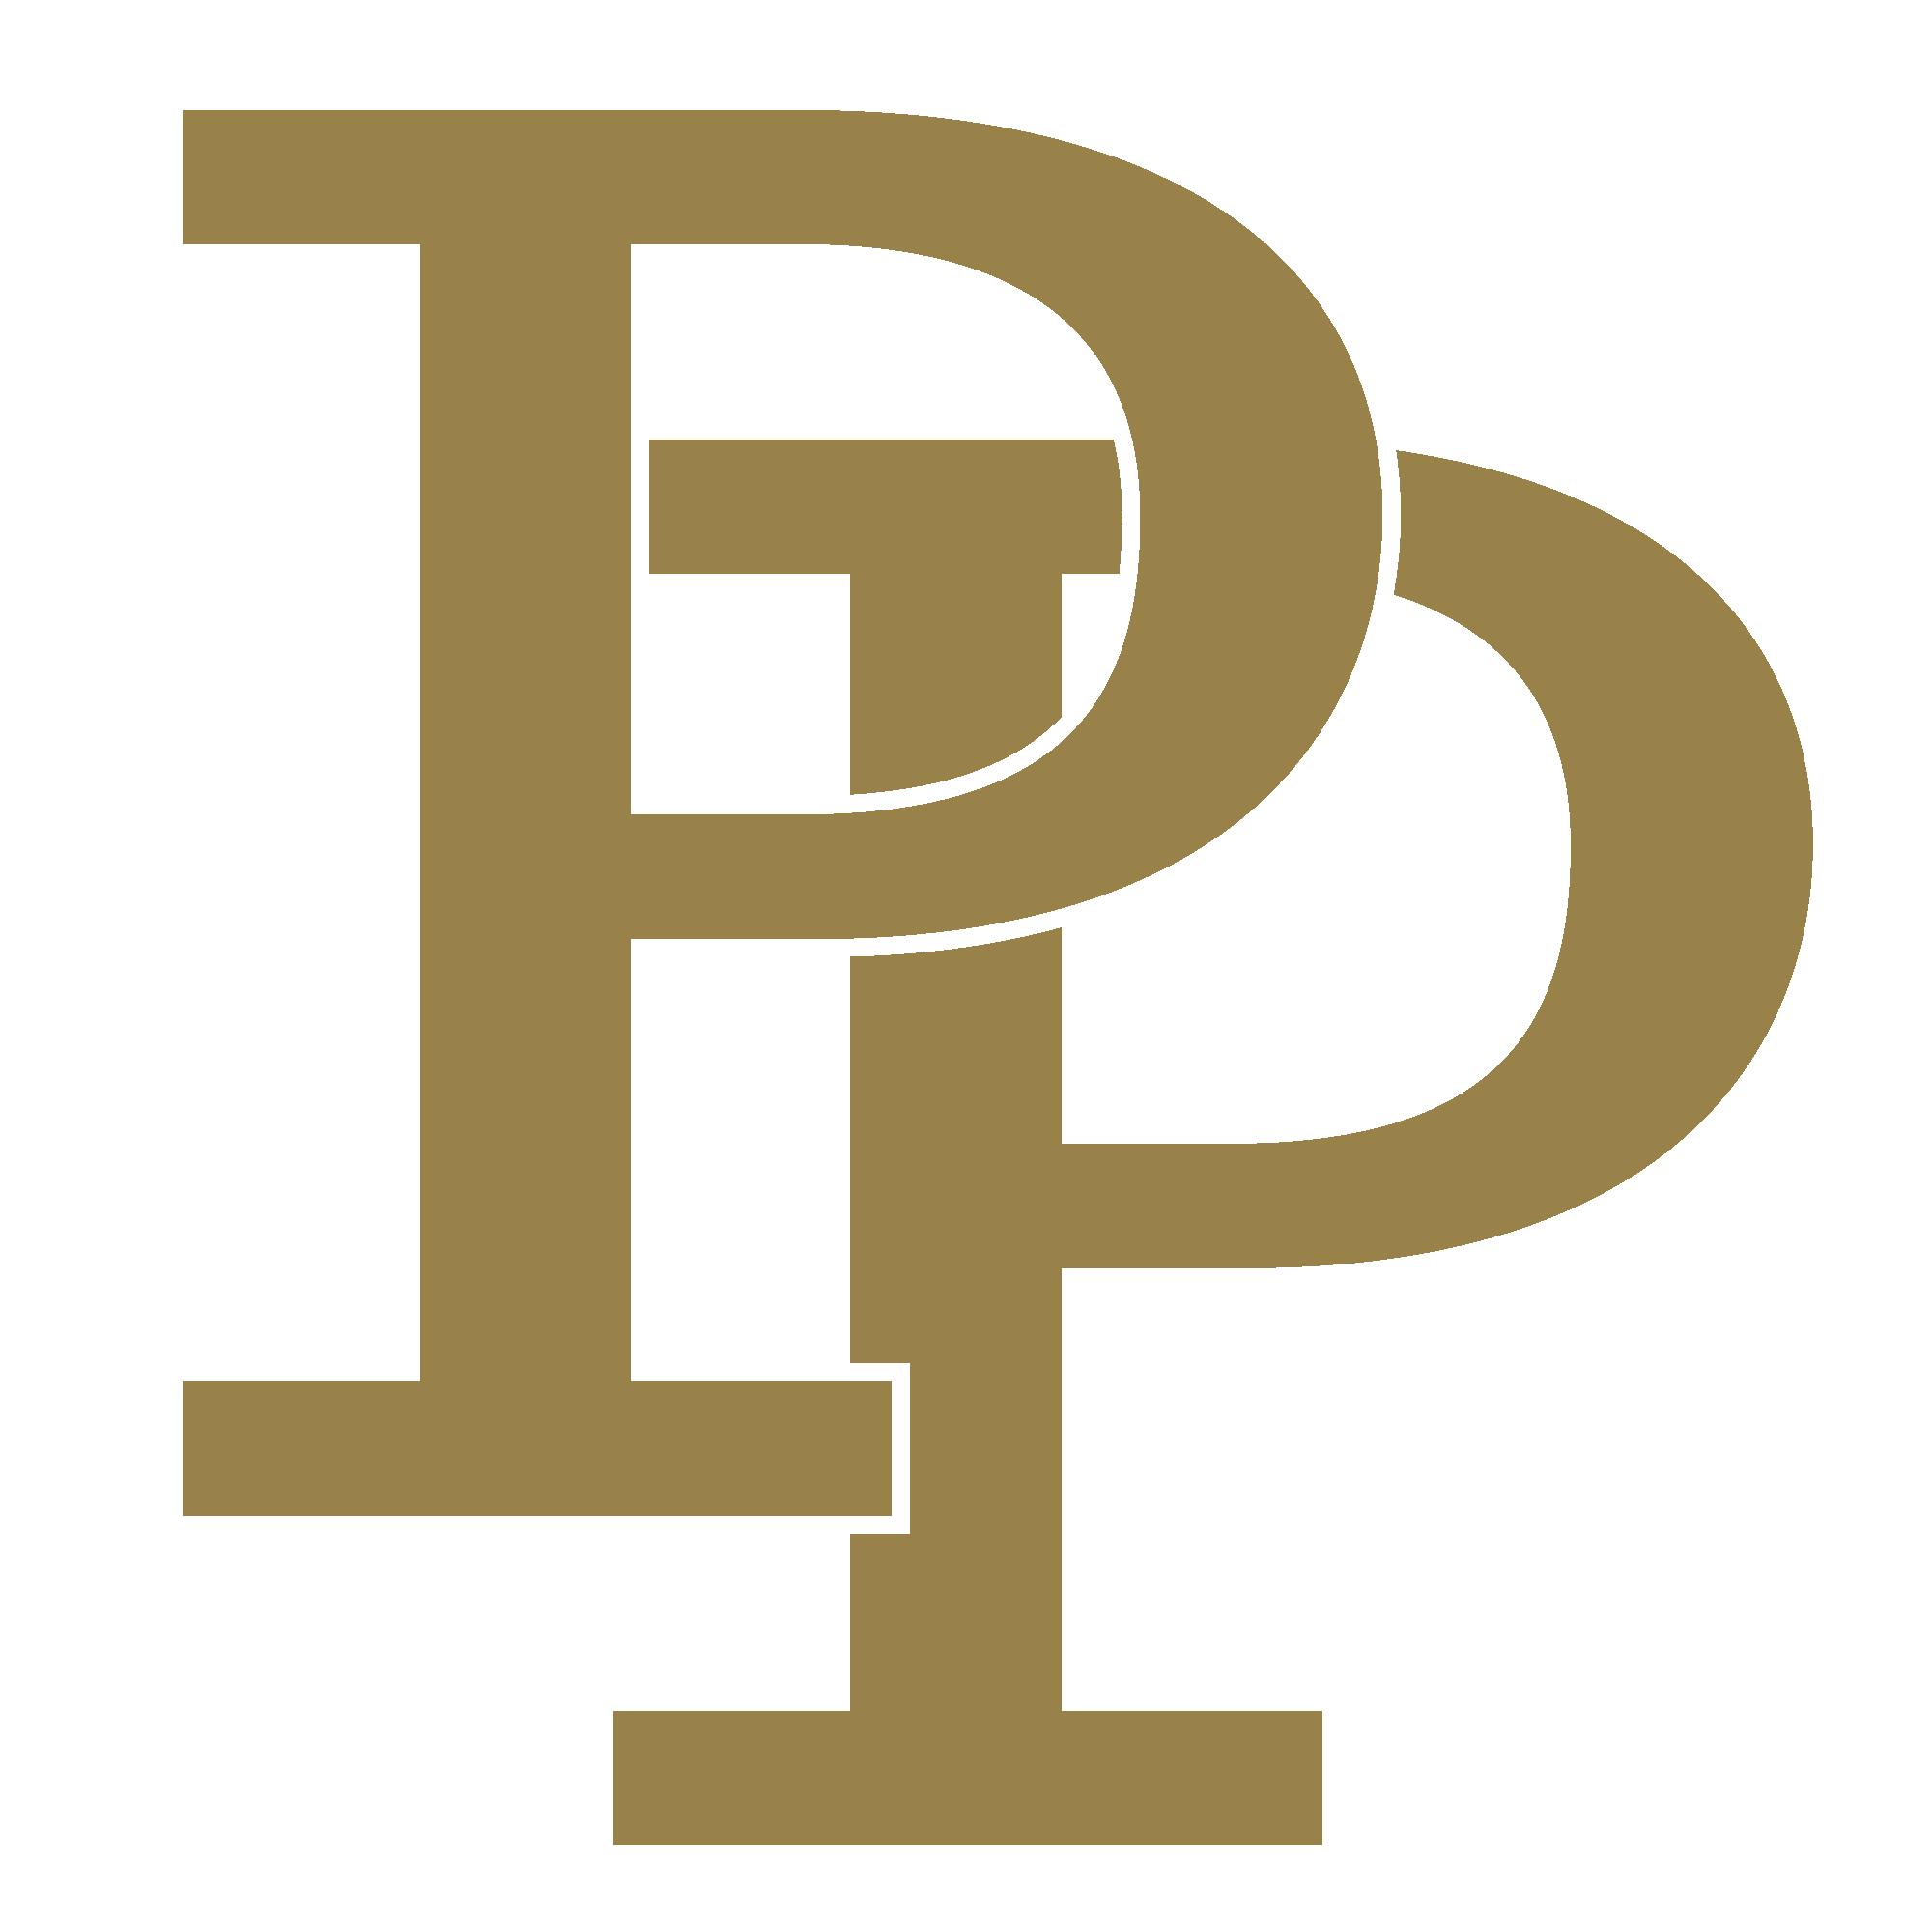 PPH - Alternate Mark (Lettermark) - Full Color.png